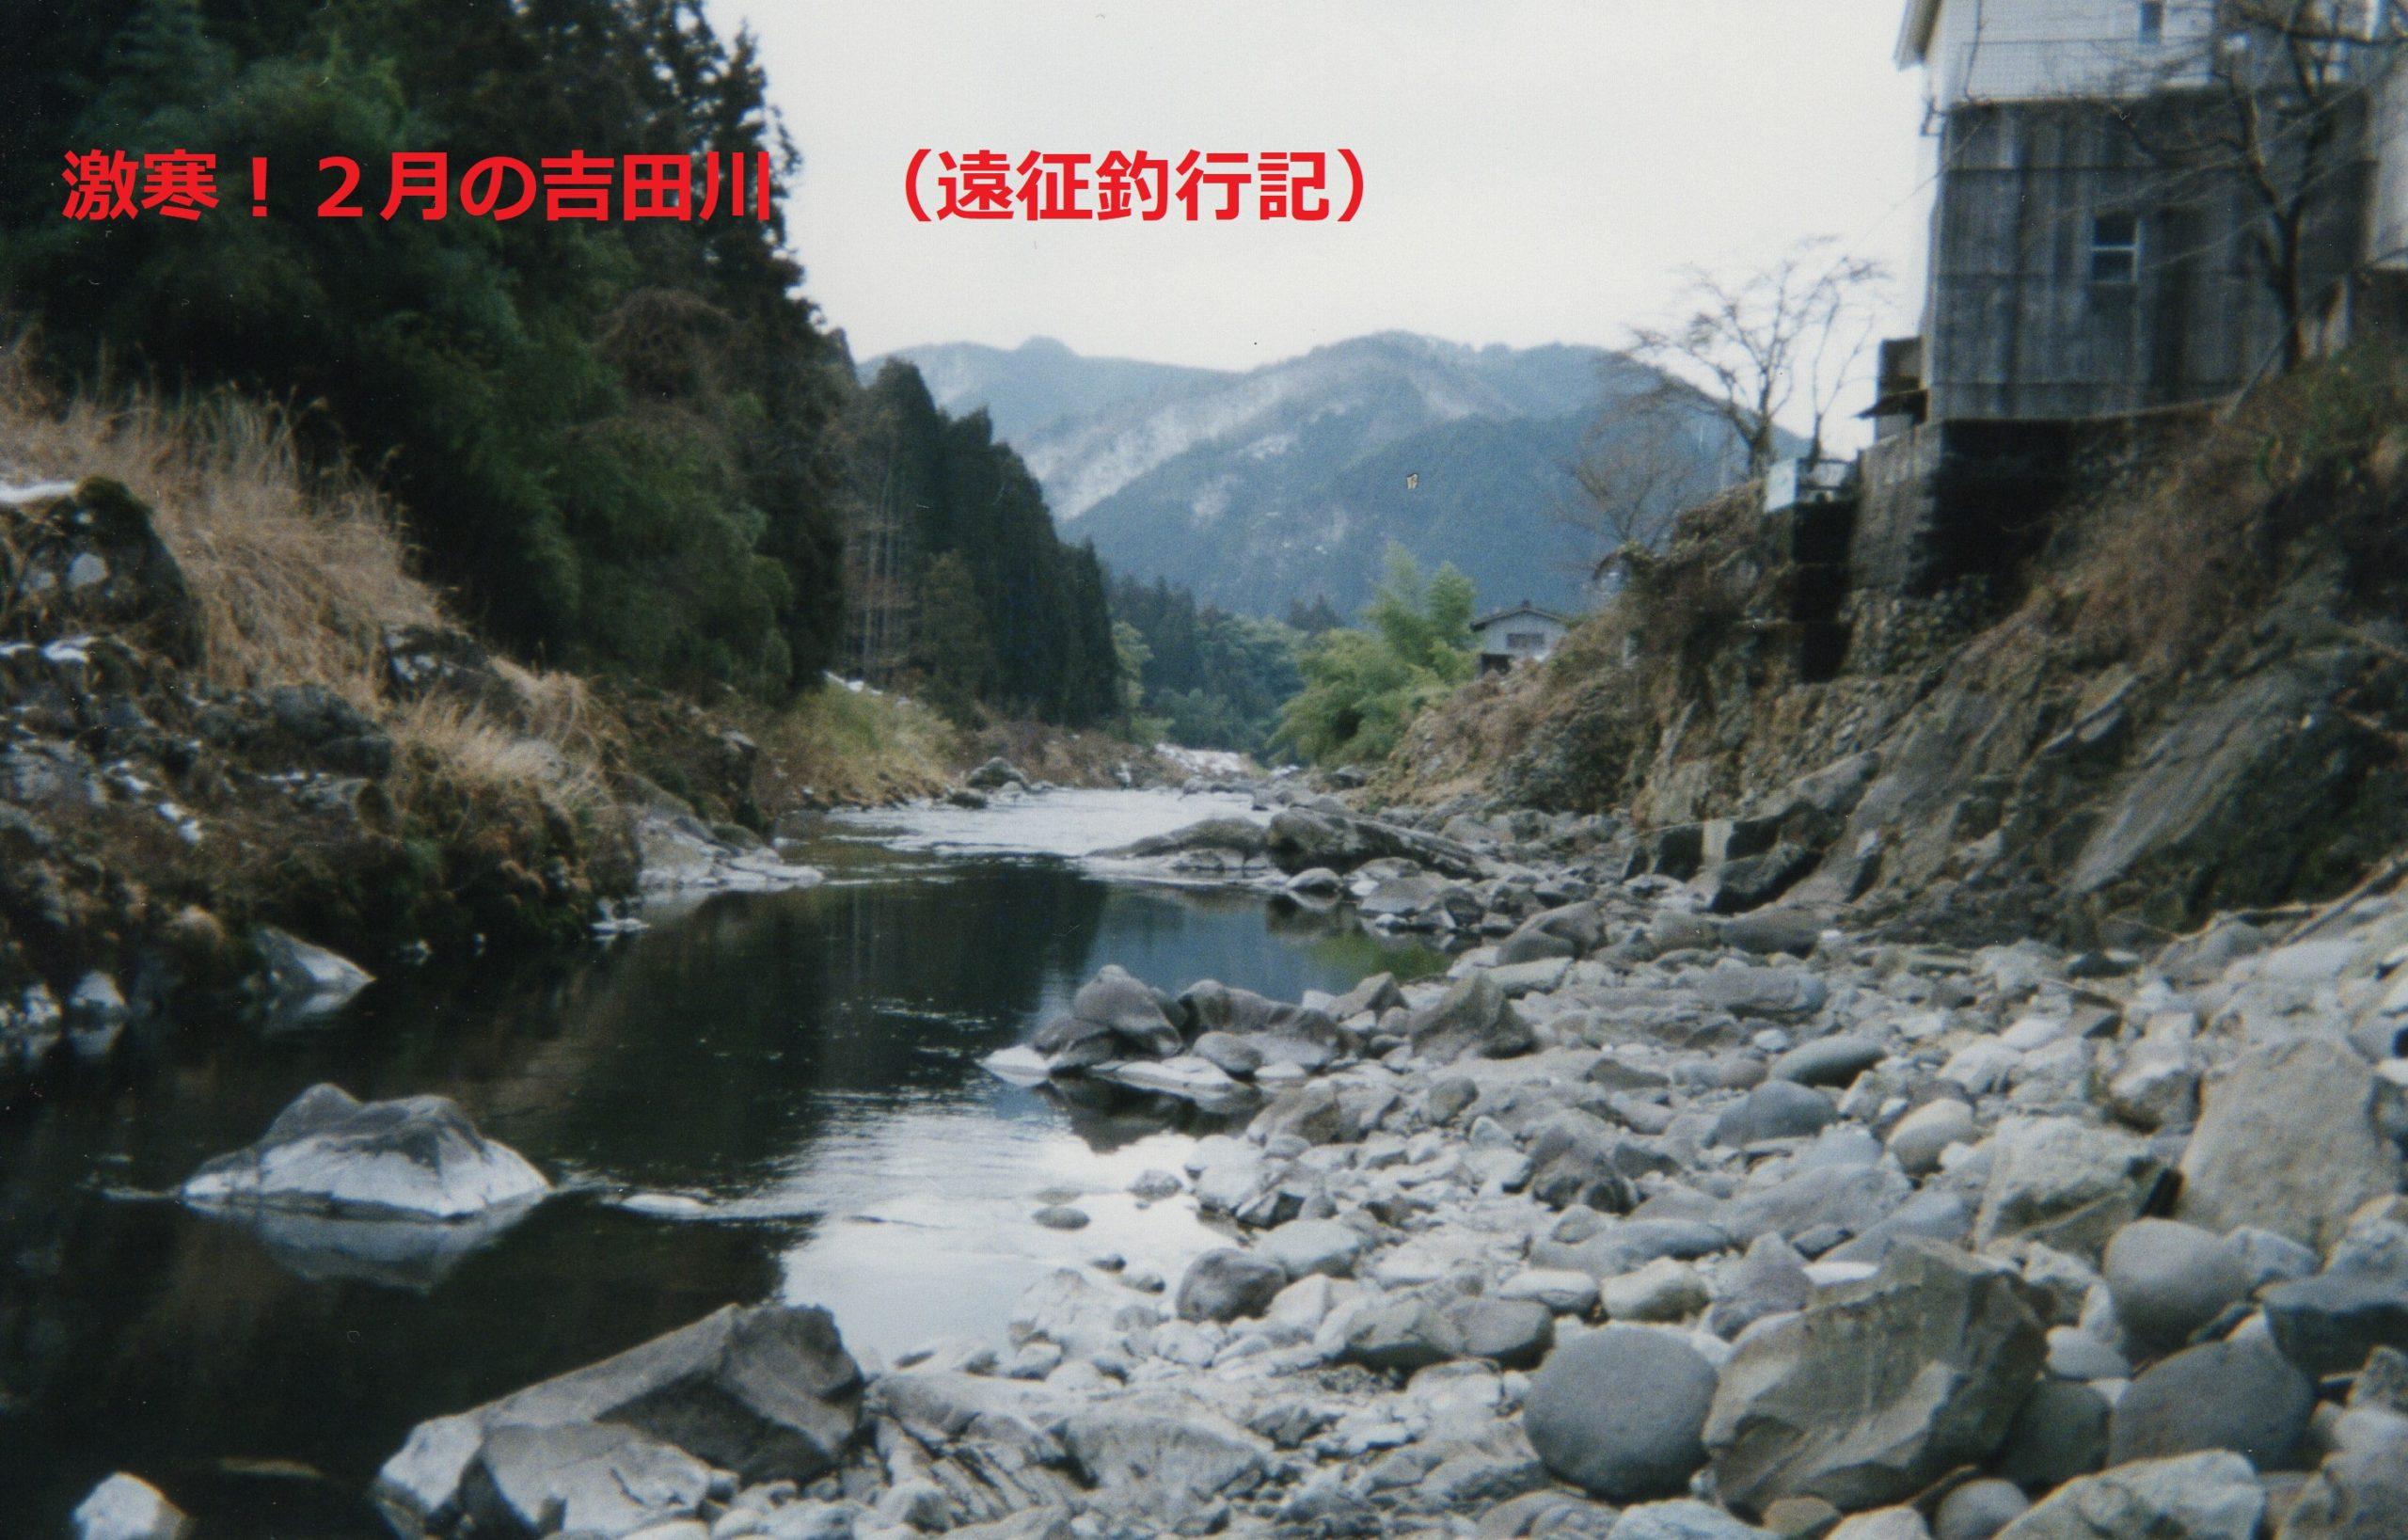 吉田川 2月